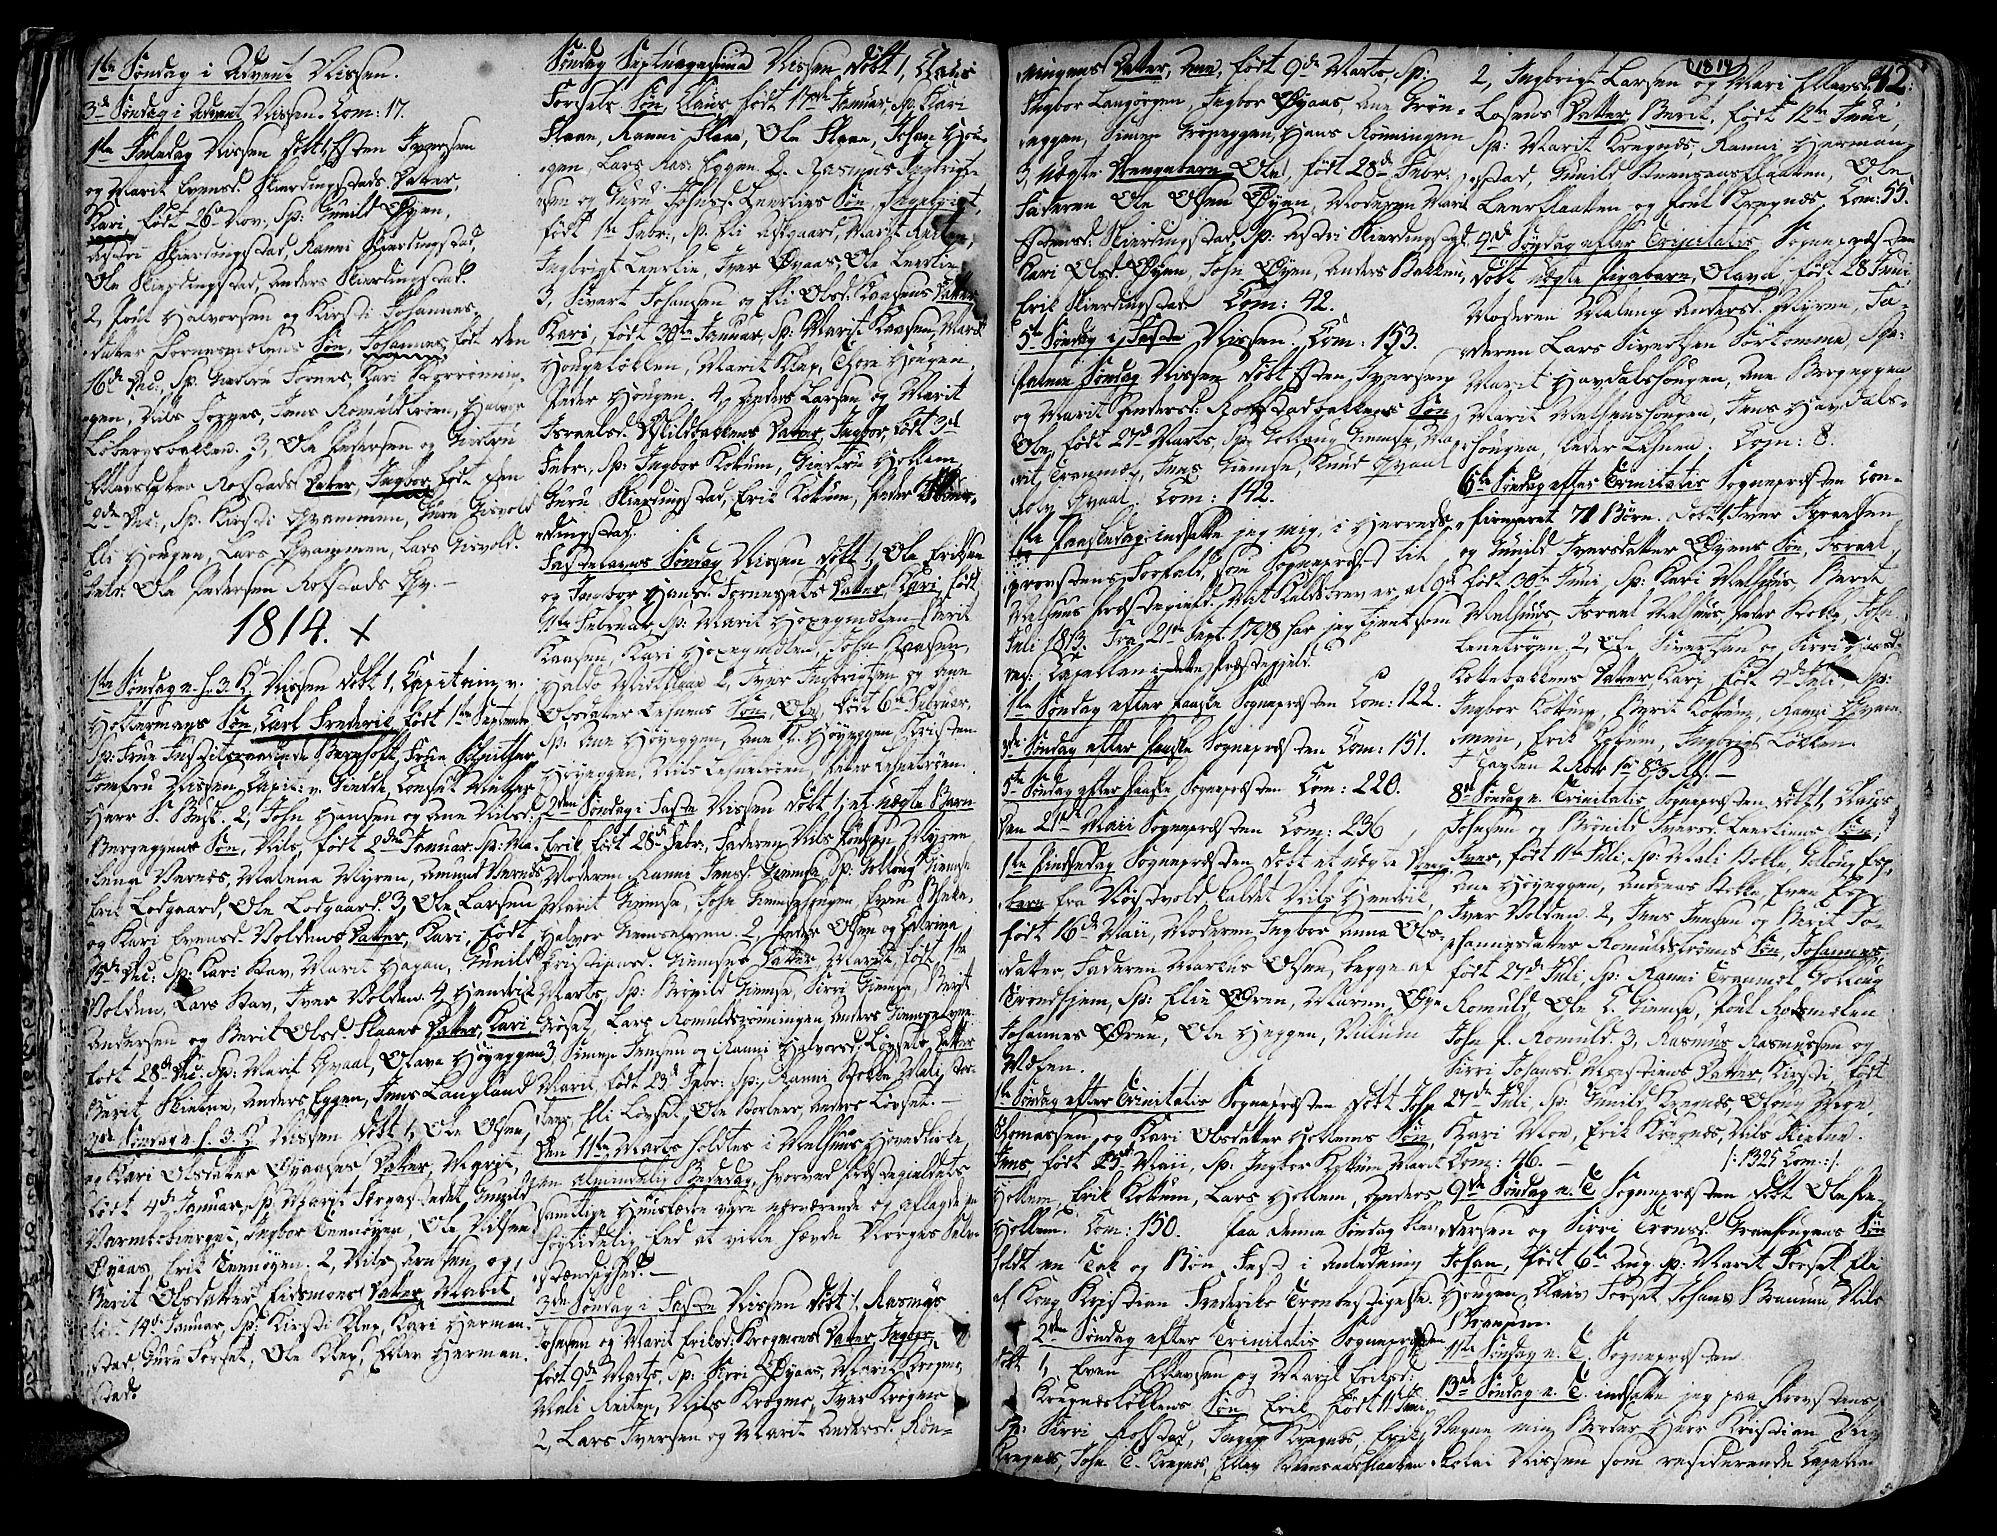 SAT, Ministerialprotokoller, klokkerbøker og fødselsregistre - Sør-Trøndelag, 691/L1061: Ministerialbok nr. 691A02 /1, 1768-1815, s. 42